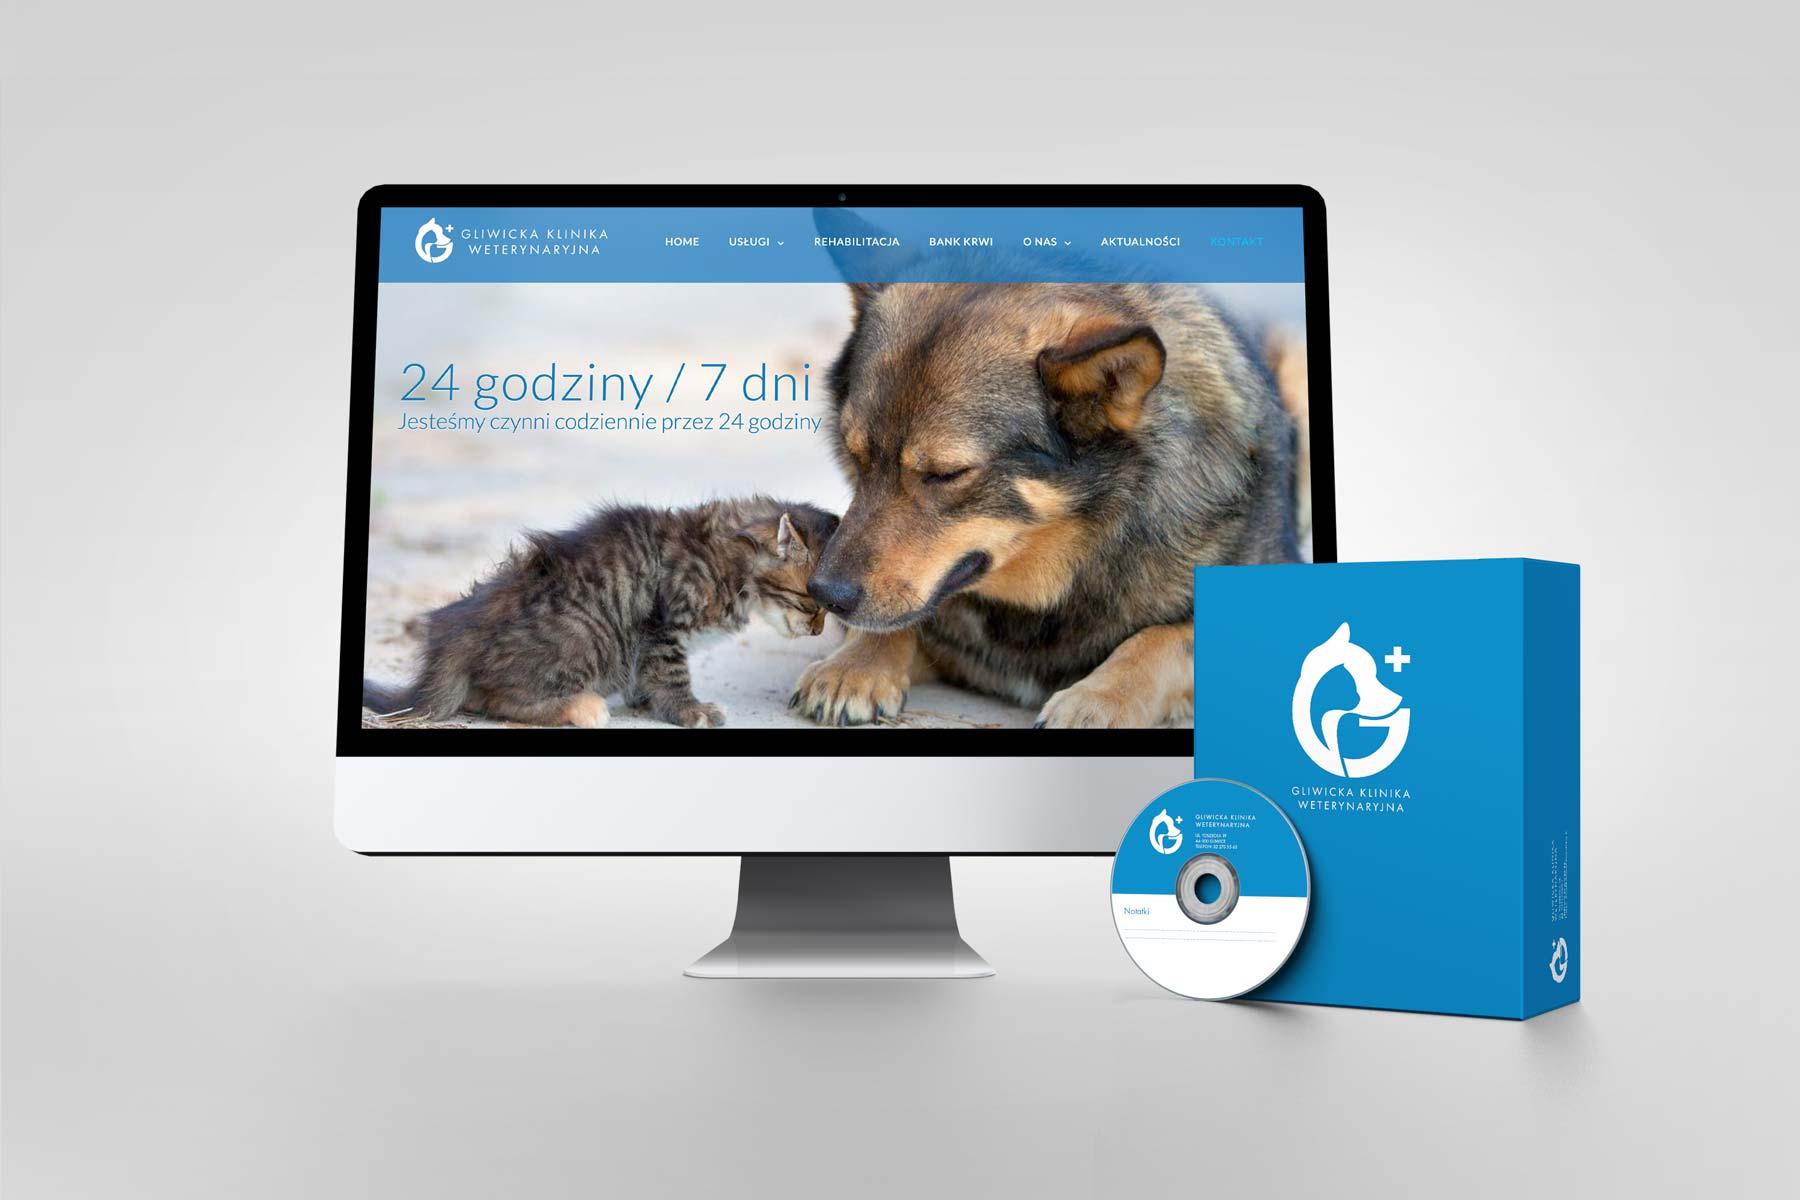 Oferta dla klinik weterynaryjnych i weterynarzy. Responsywna strona internetowa oraz pakiet identyfikacji wizualnej dla Gliwickiej Kliniki Weterynaryjnej